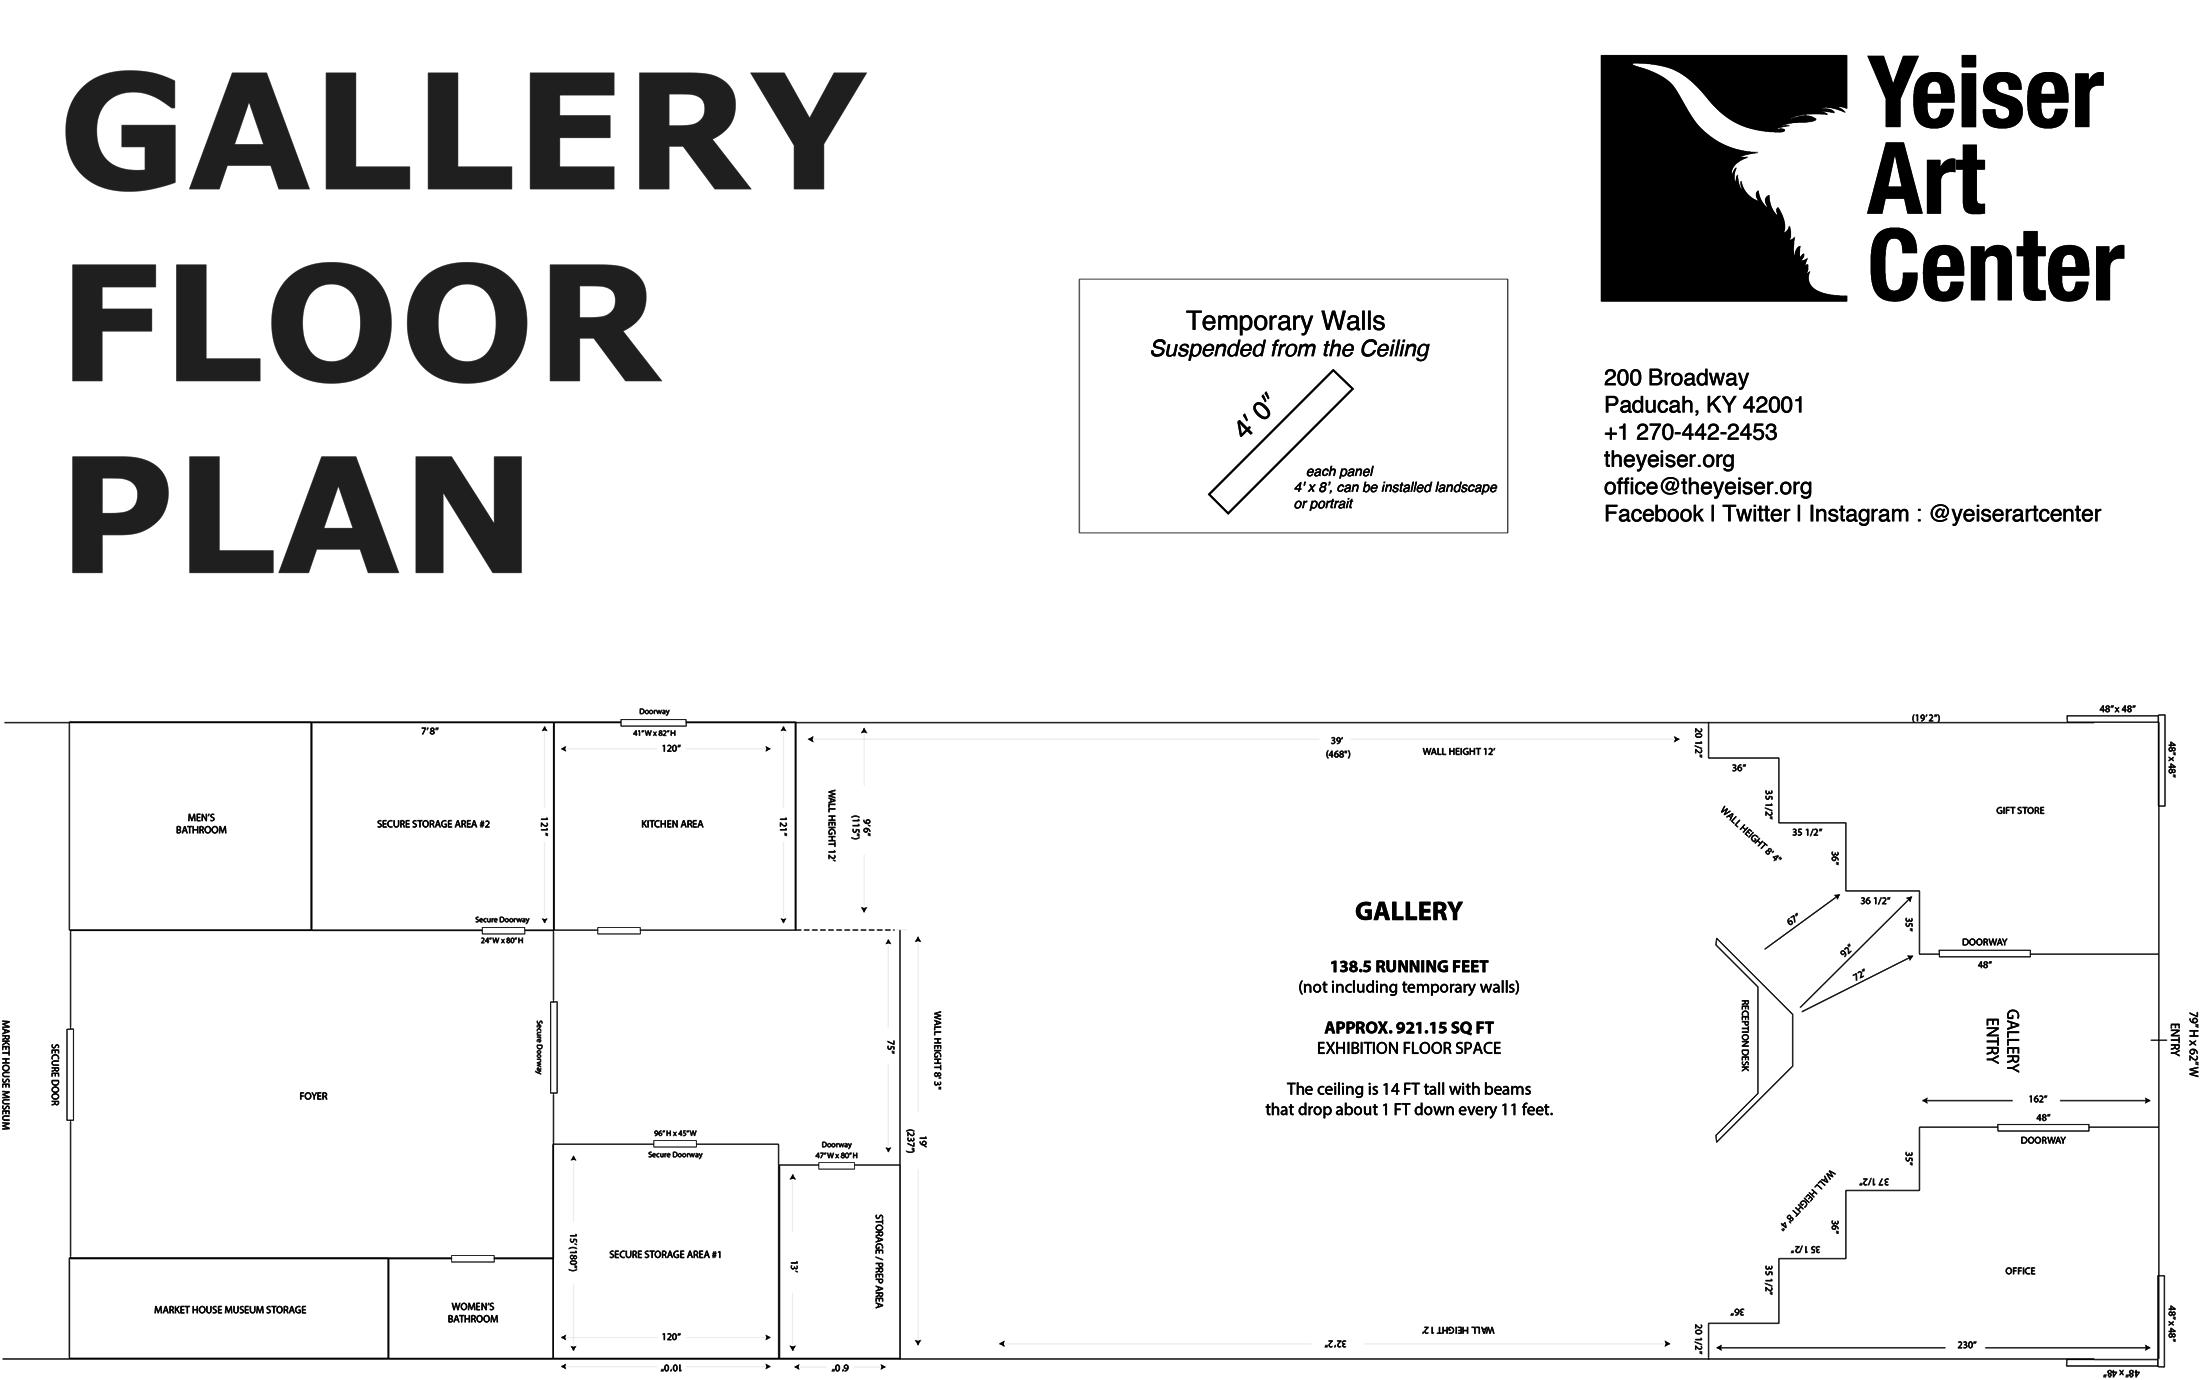 Yeiser Art Center